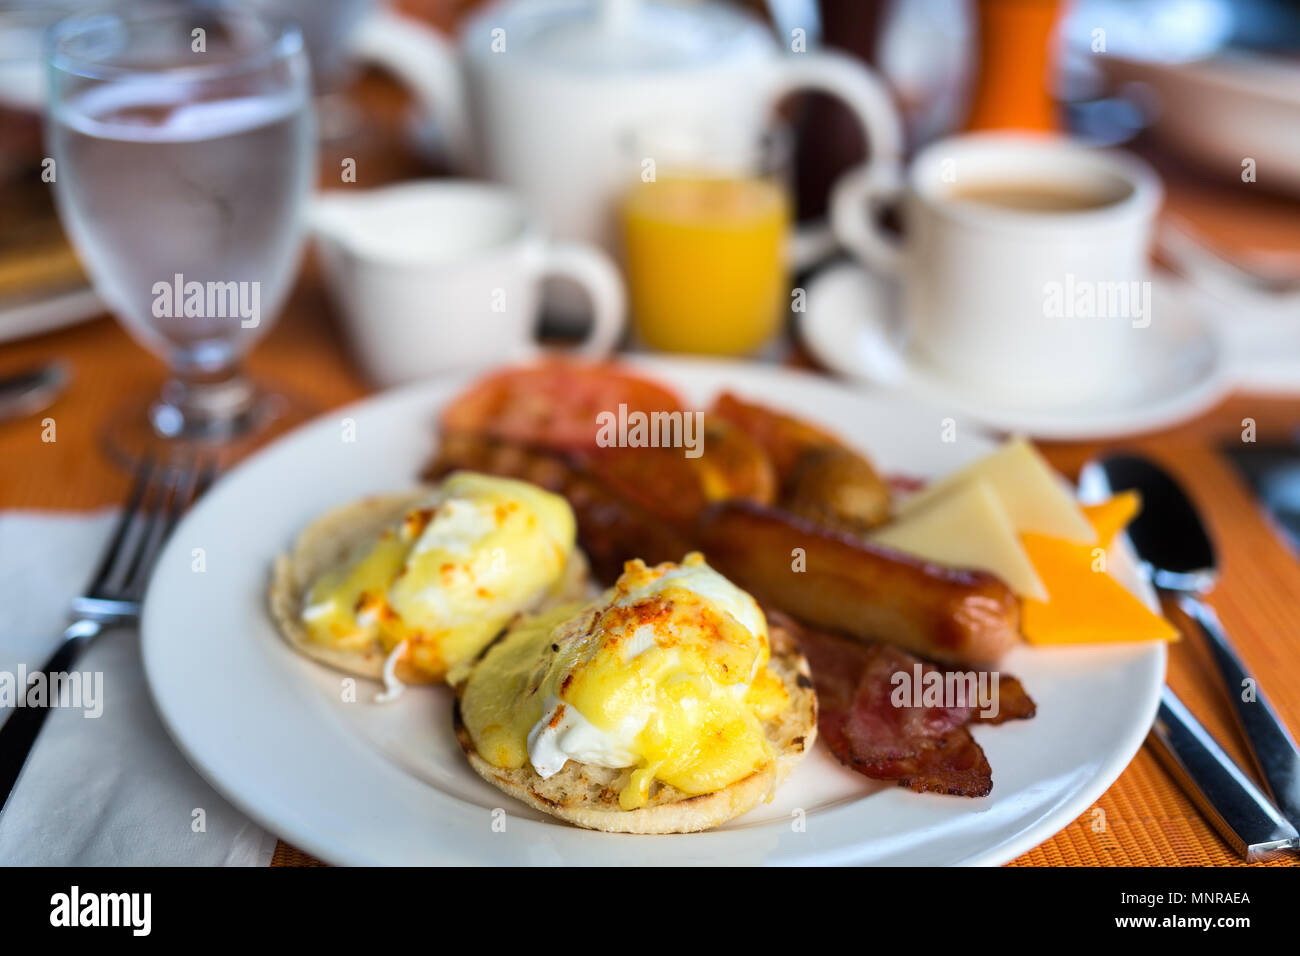 Deliziosa colazione a buffet con uova Benedict, pancetta, succo d'arancia e caffè Immagini Stock